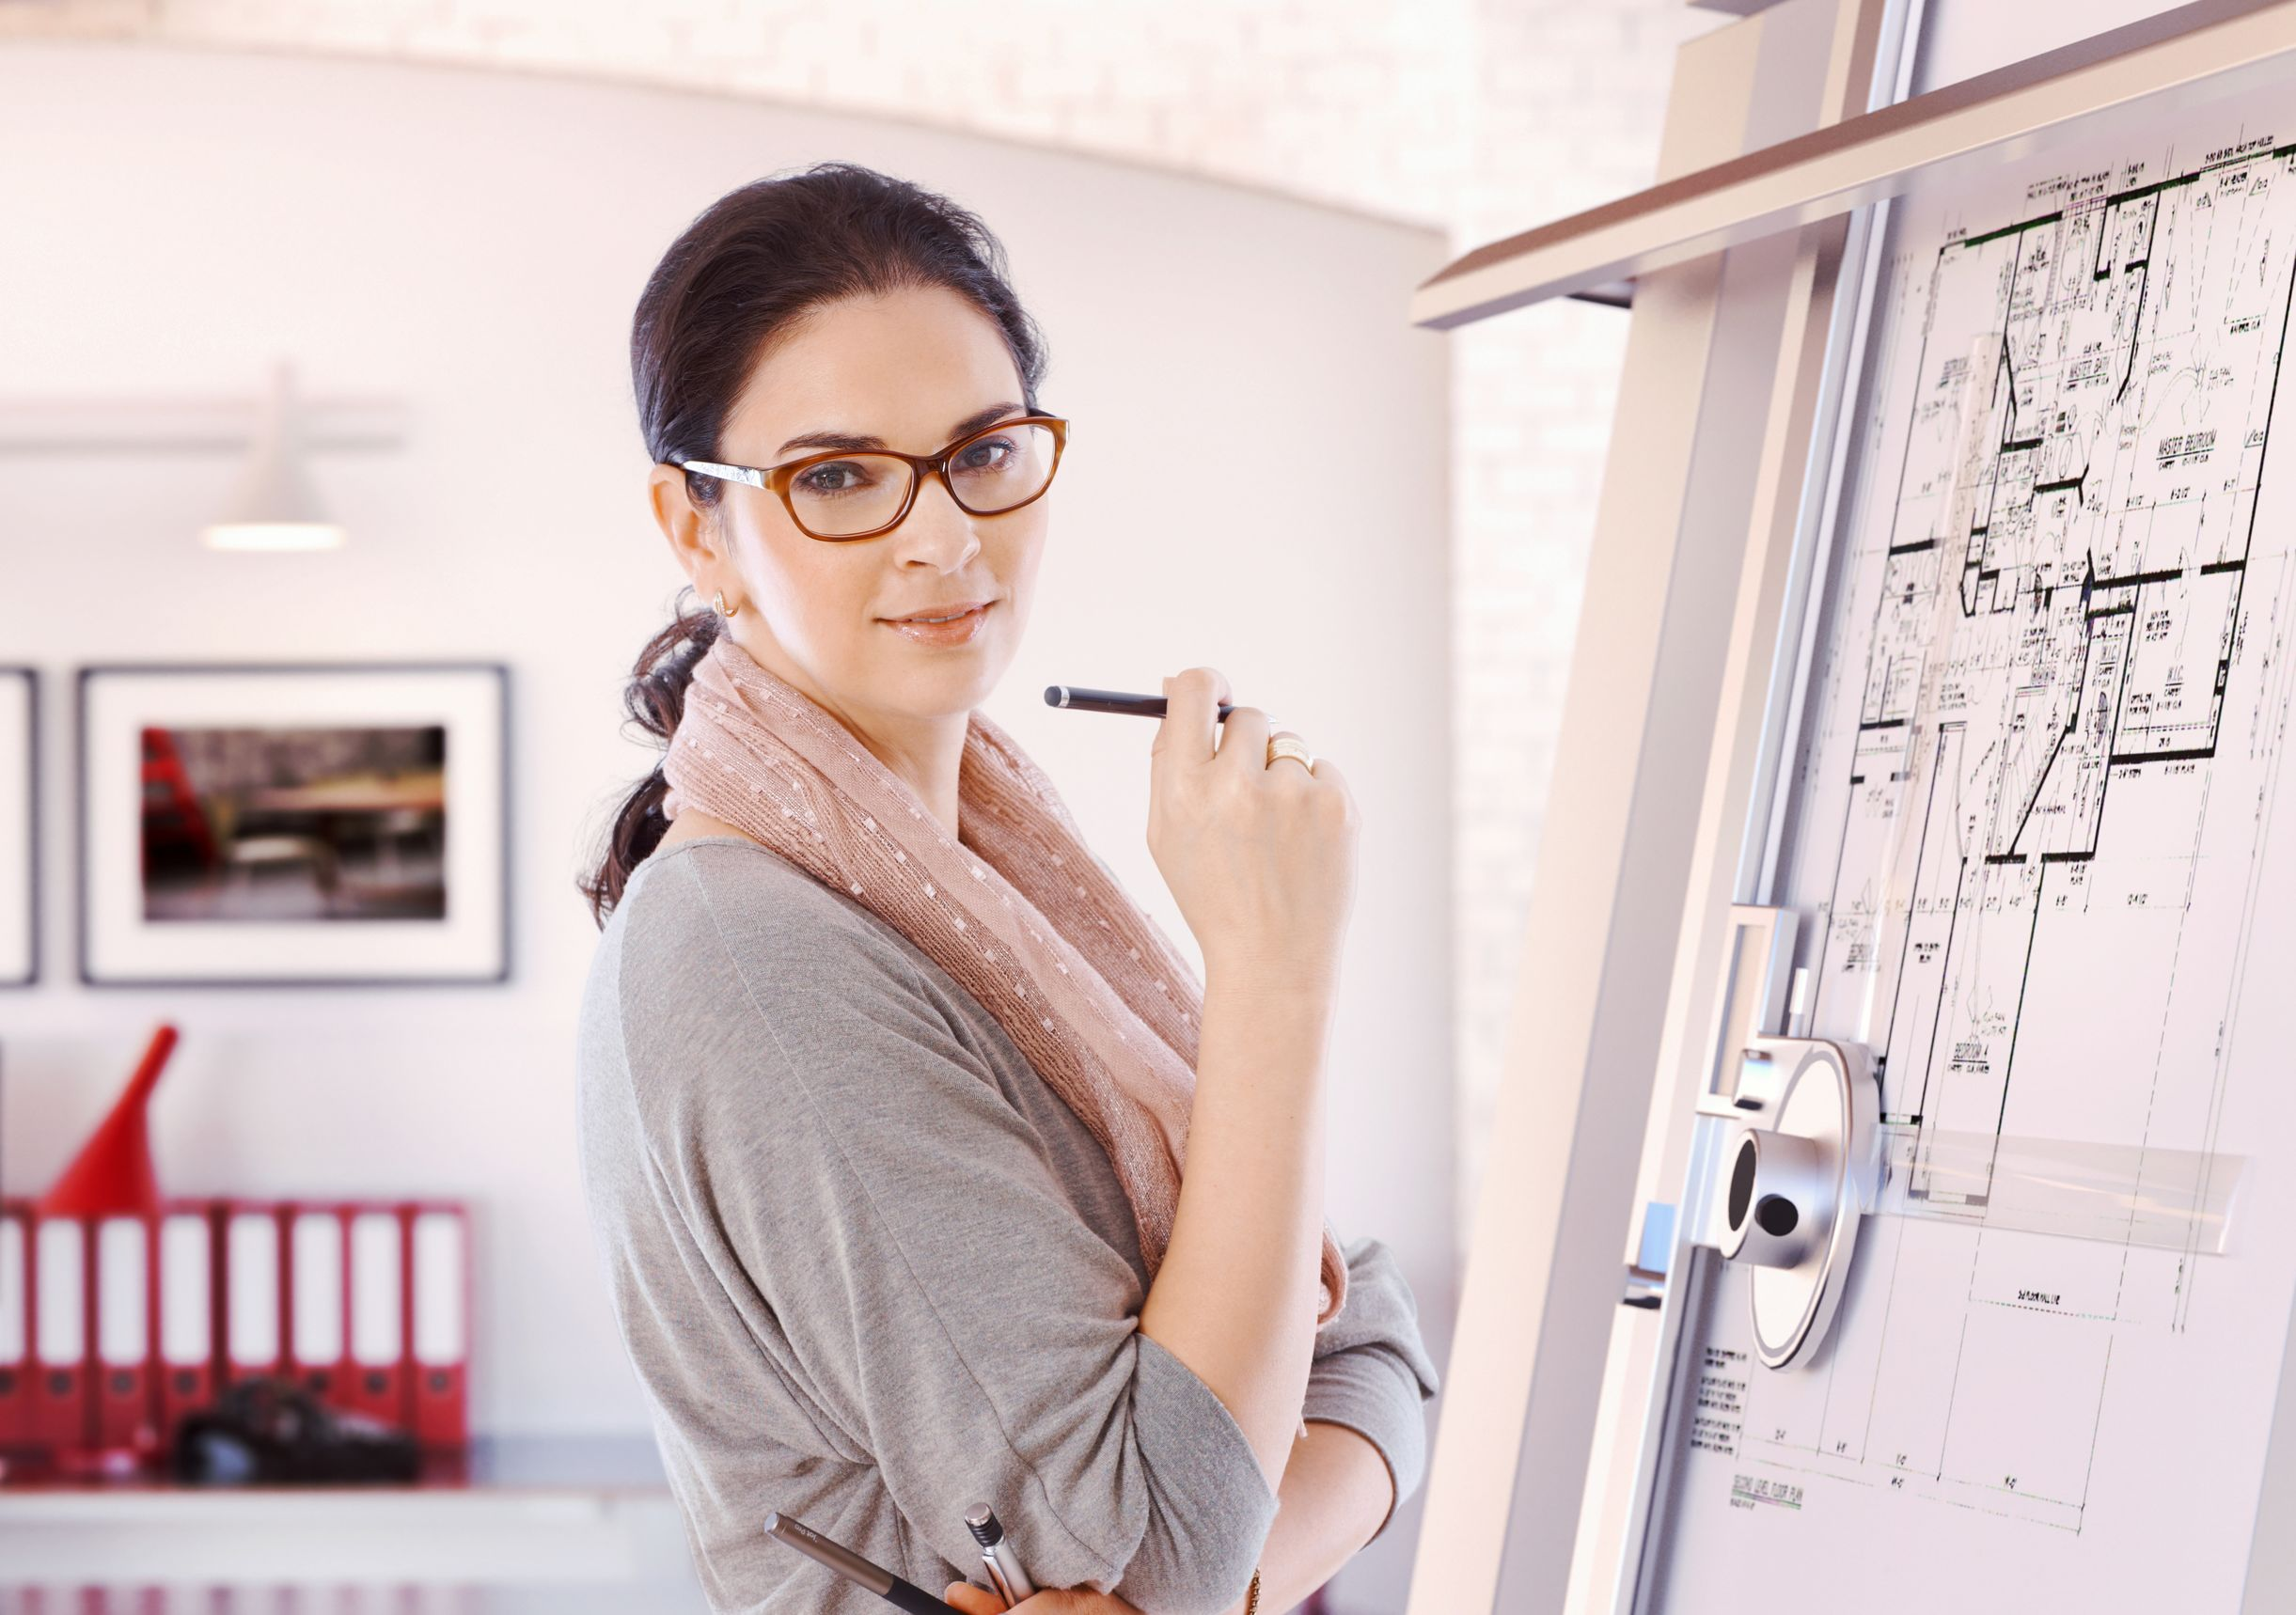 Arquitecta frente al tablero de dibujo con lápiz en la mano